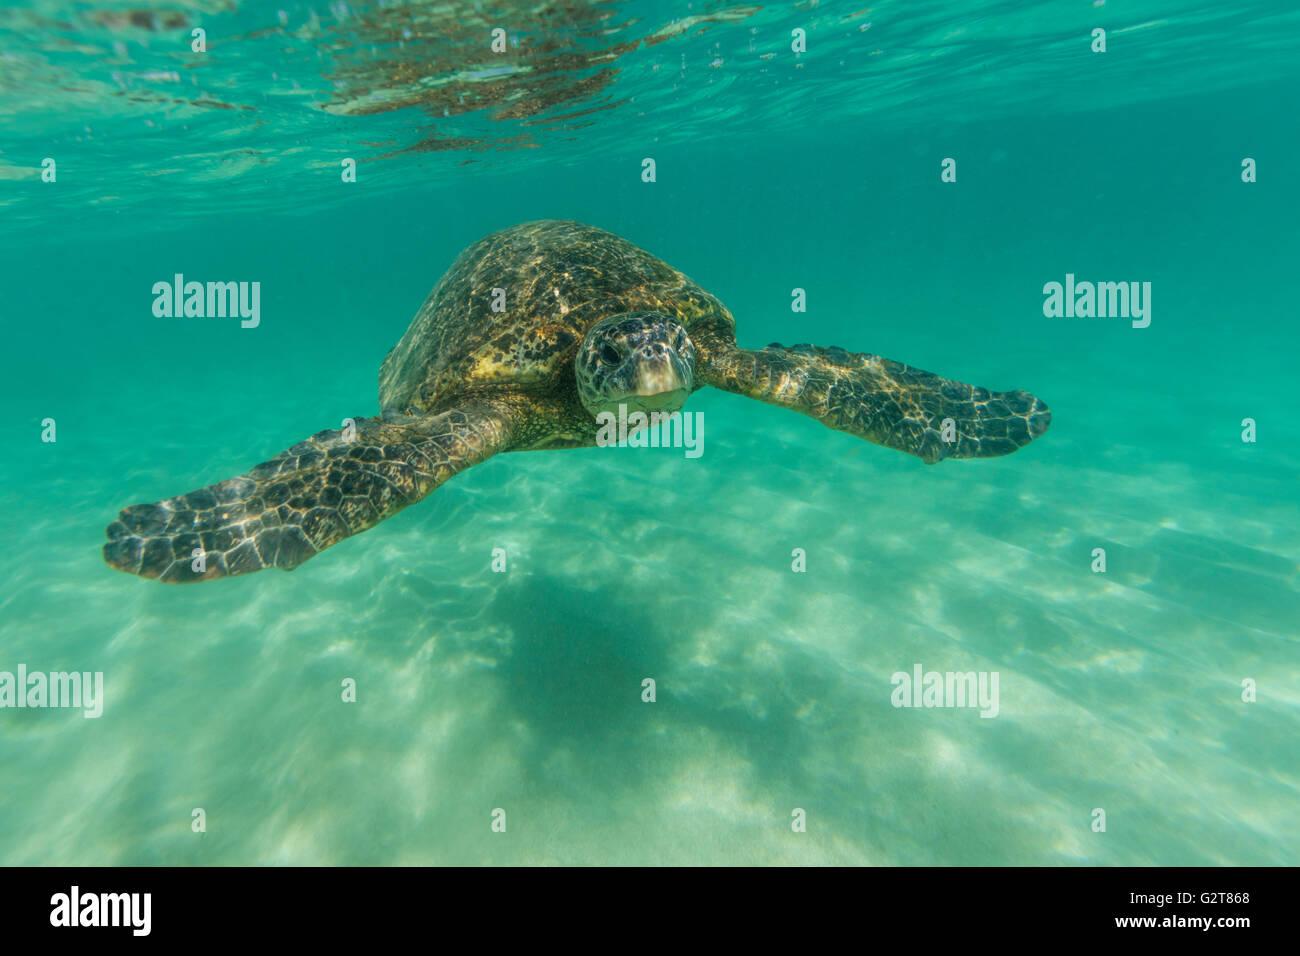 Une vue sous-marine d'une tortue de mer nageant dans les eaux de l'océan peu profond. Photo Stock